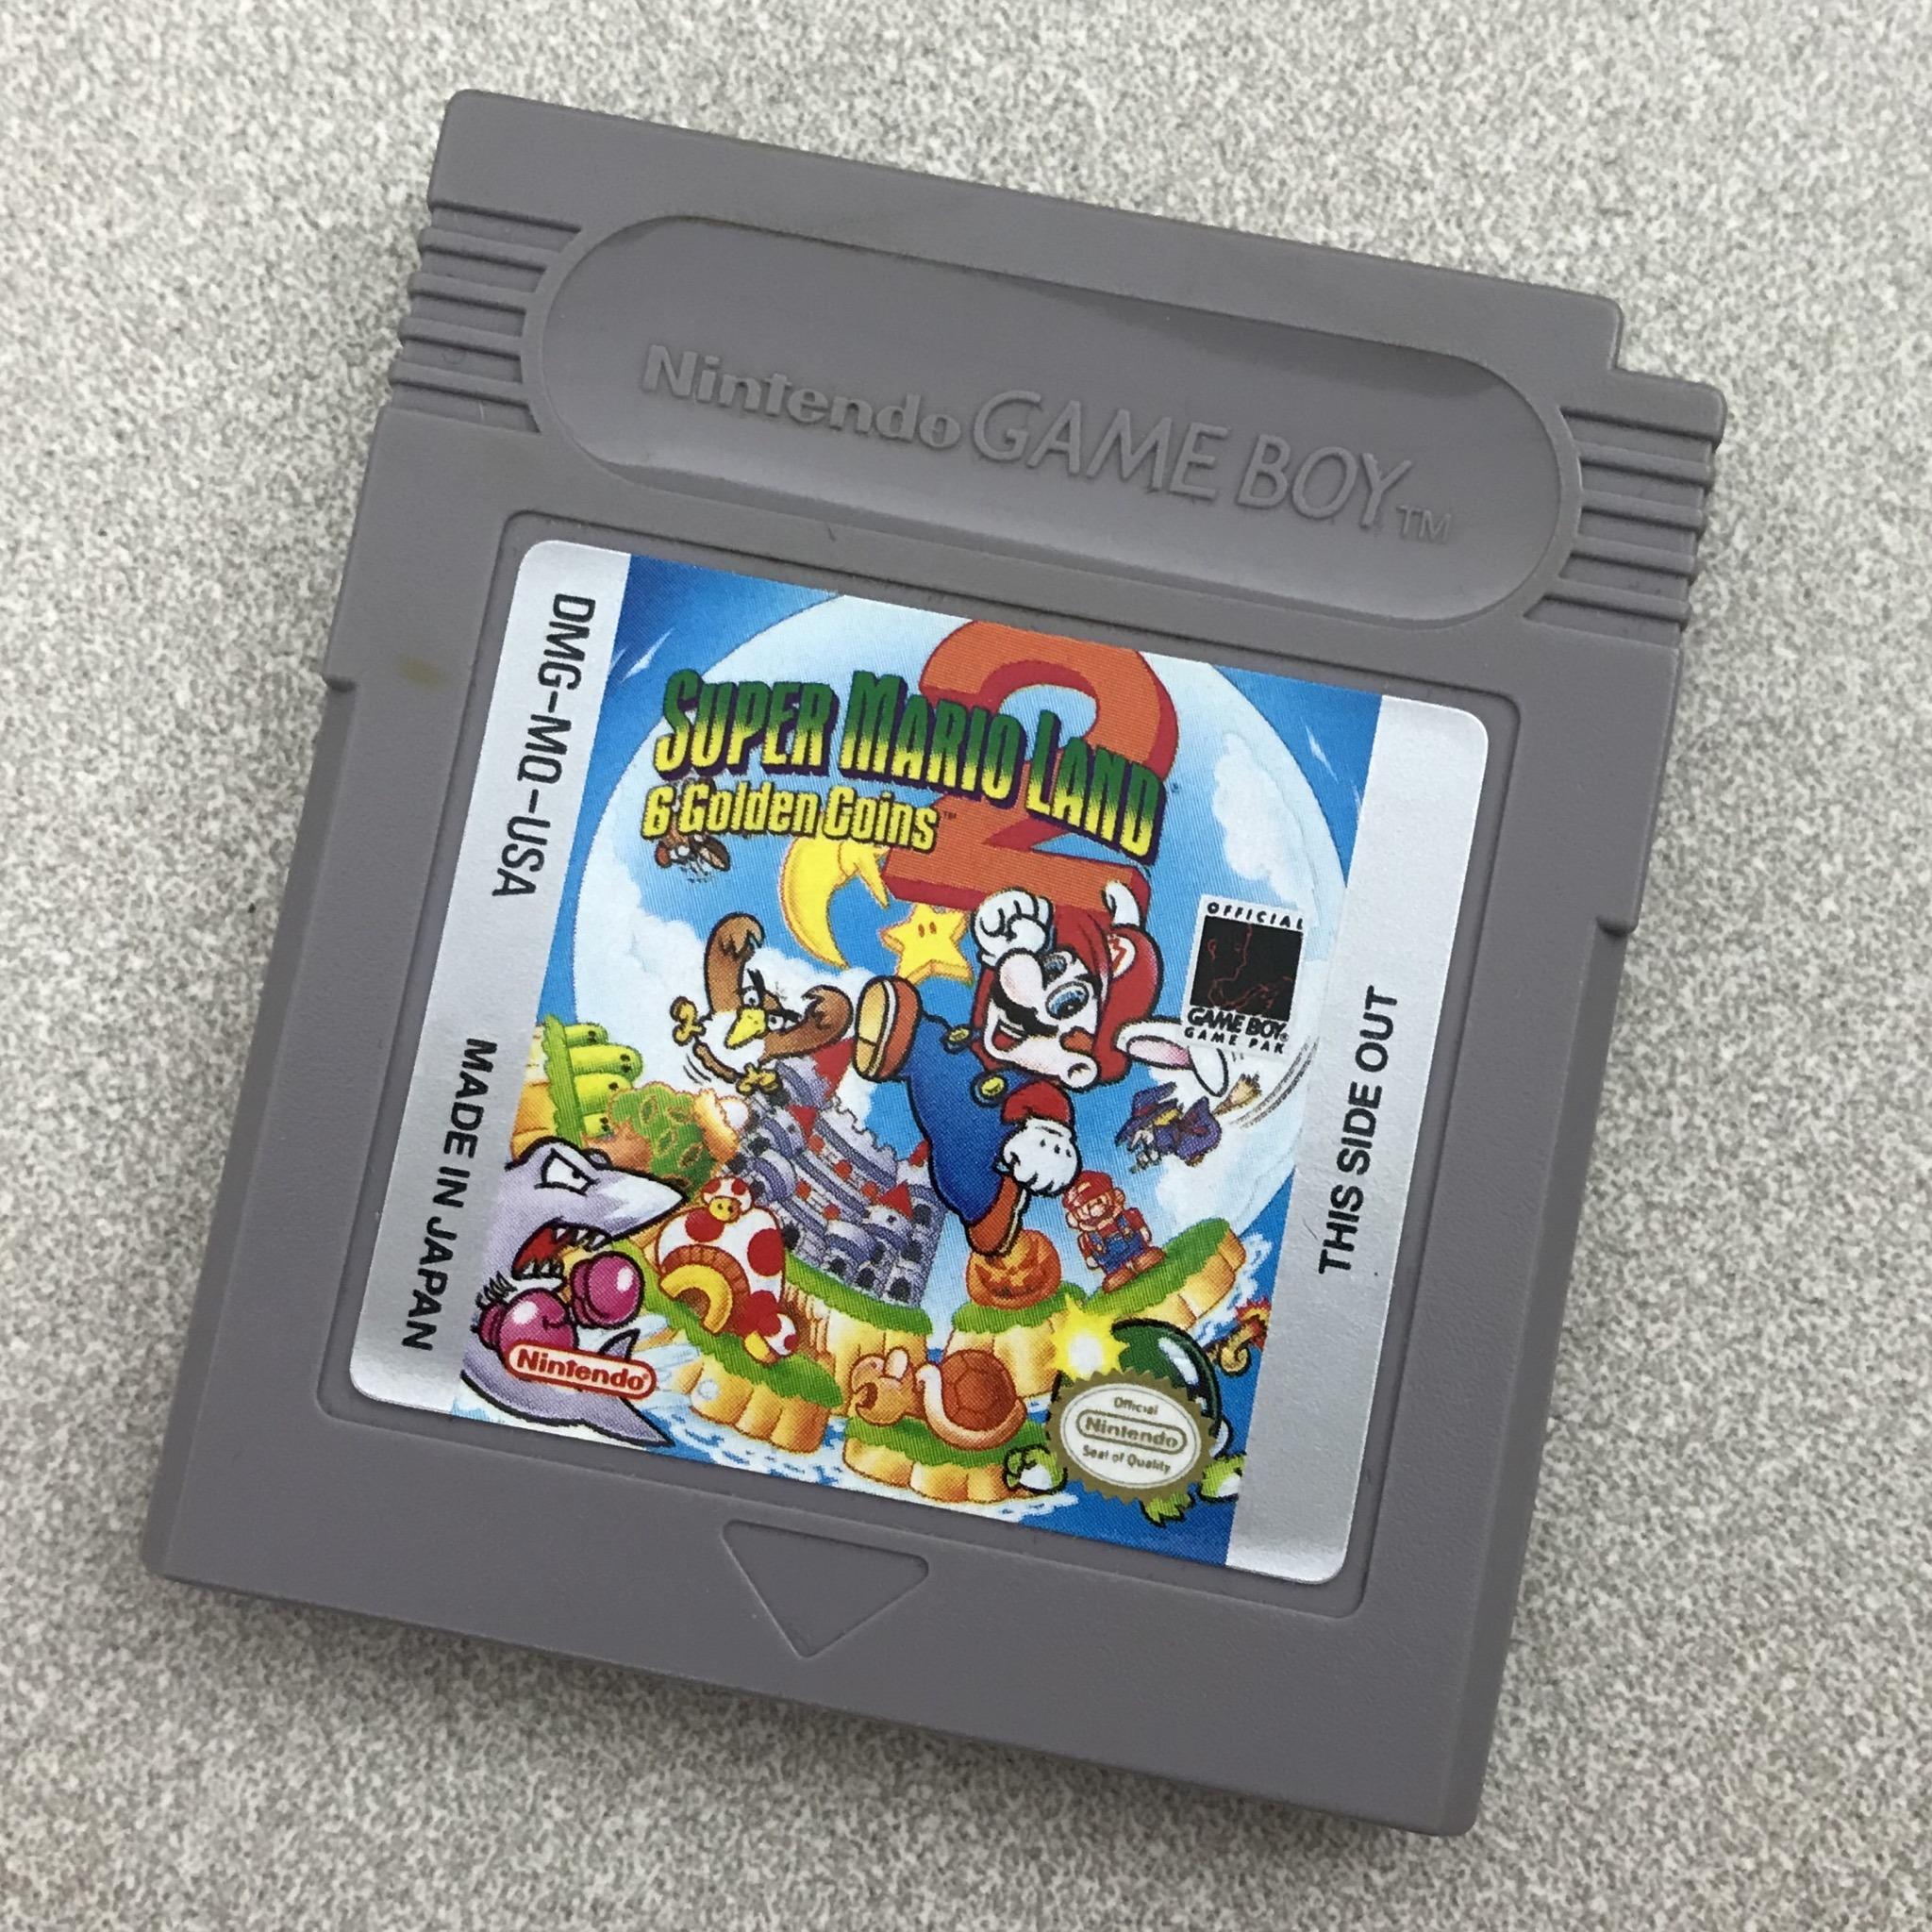 Retro Review – Super Mario Land 2: 6 Golden Coins (Game Boy)